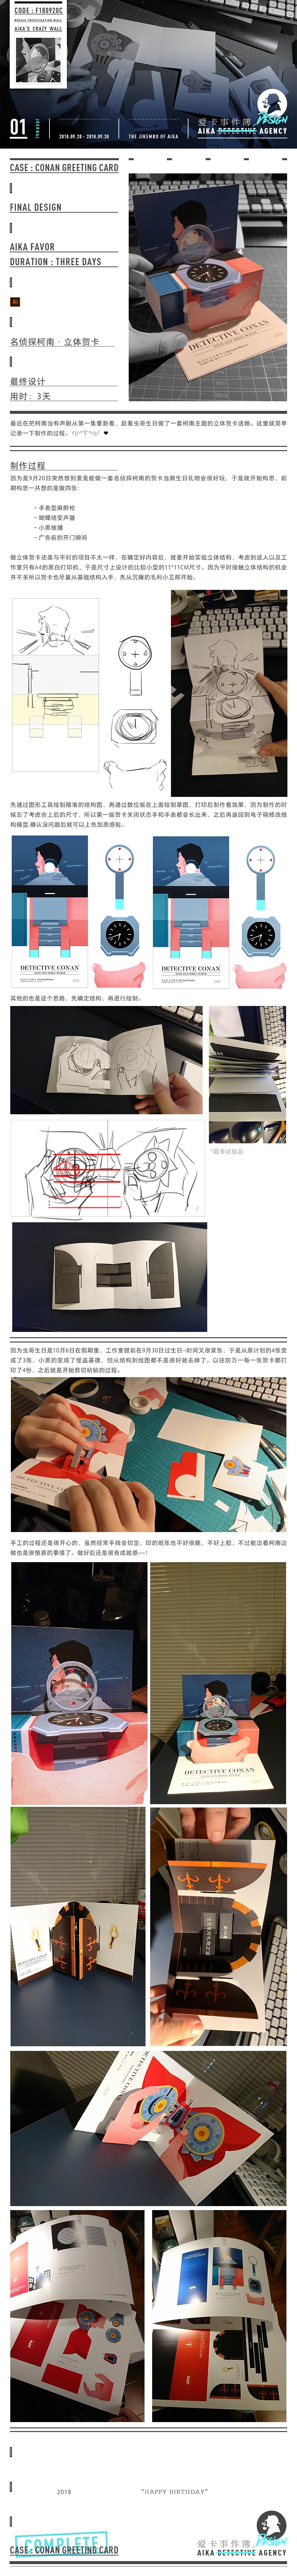 查看《礼品设计-| 名侦探柯南立体贺卡 |》原图,原图尺寸:900x7800